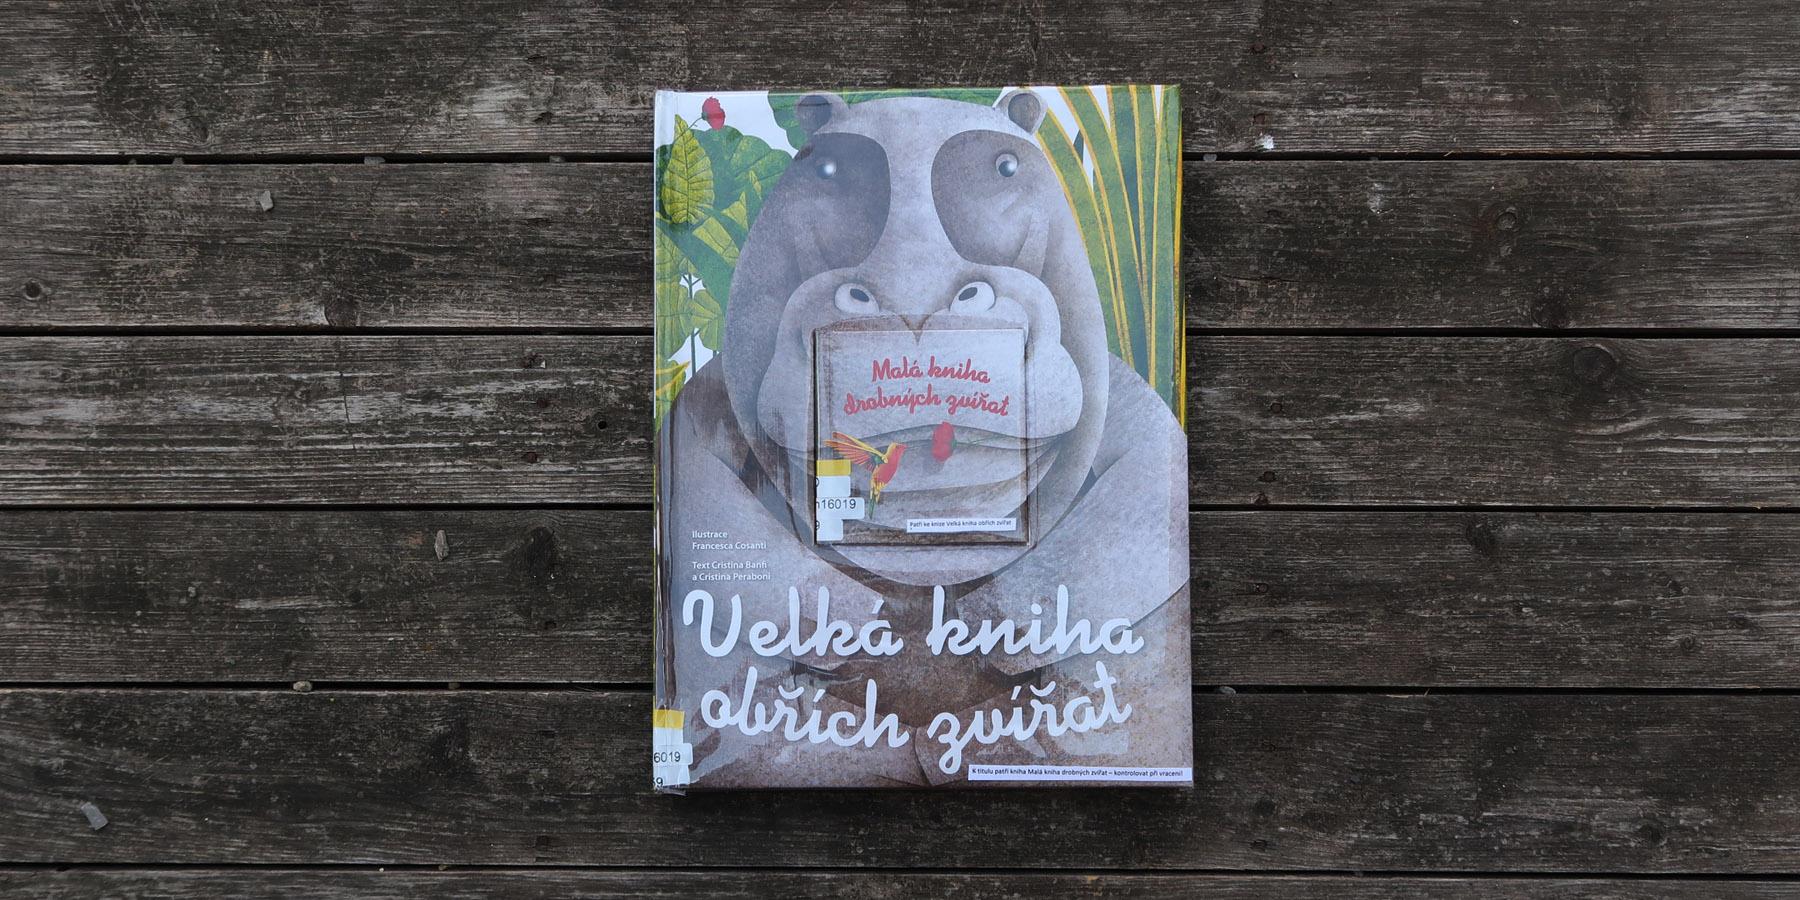 Velká kniha obřích zvířat (Malá kniha drobných zvířat)